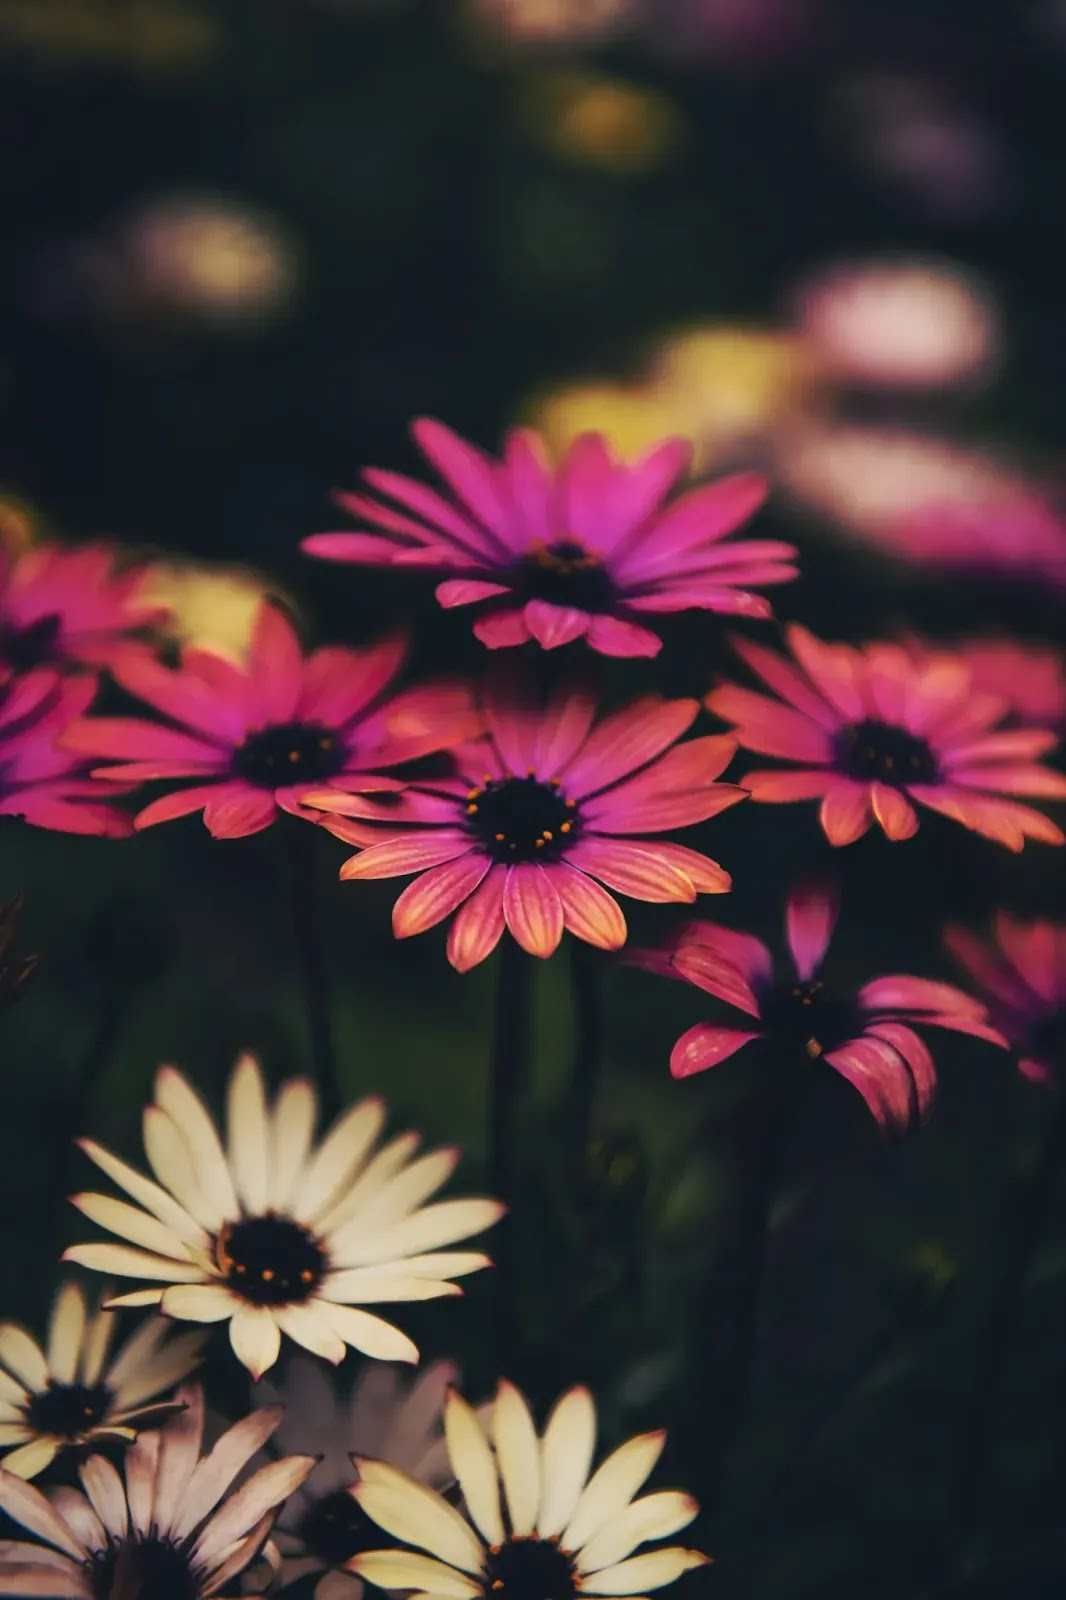 أفضل خلفيات الورود والورد للأندرويد